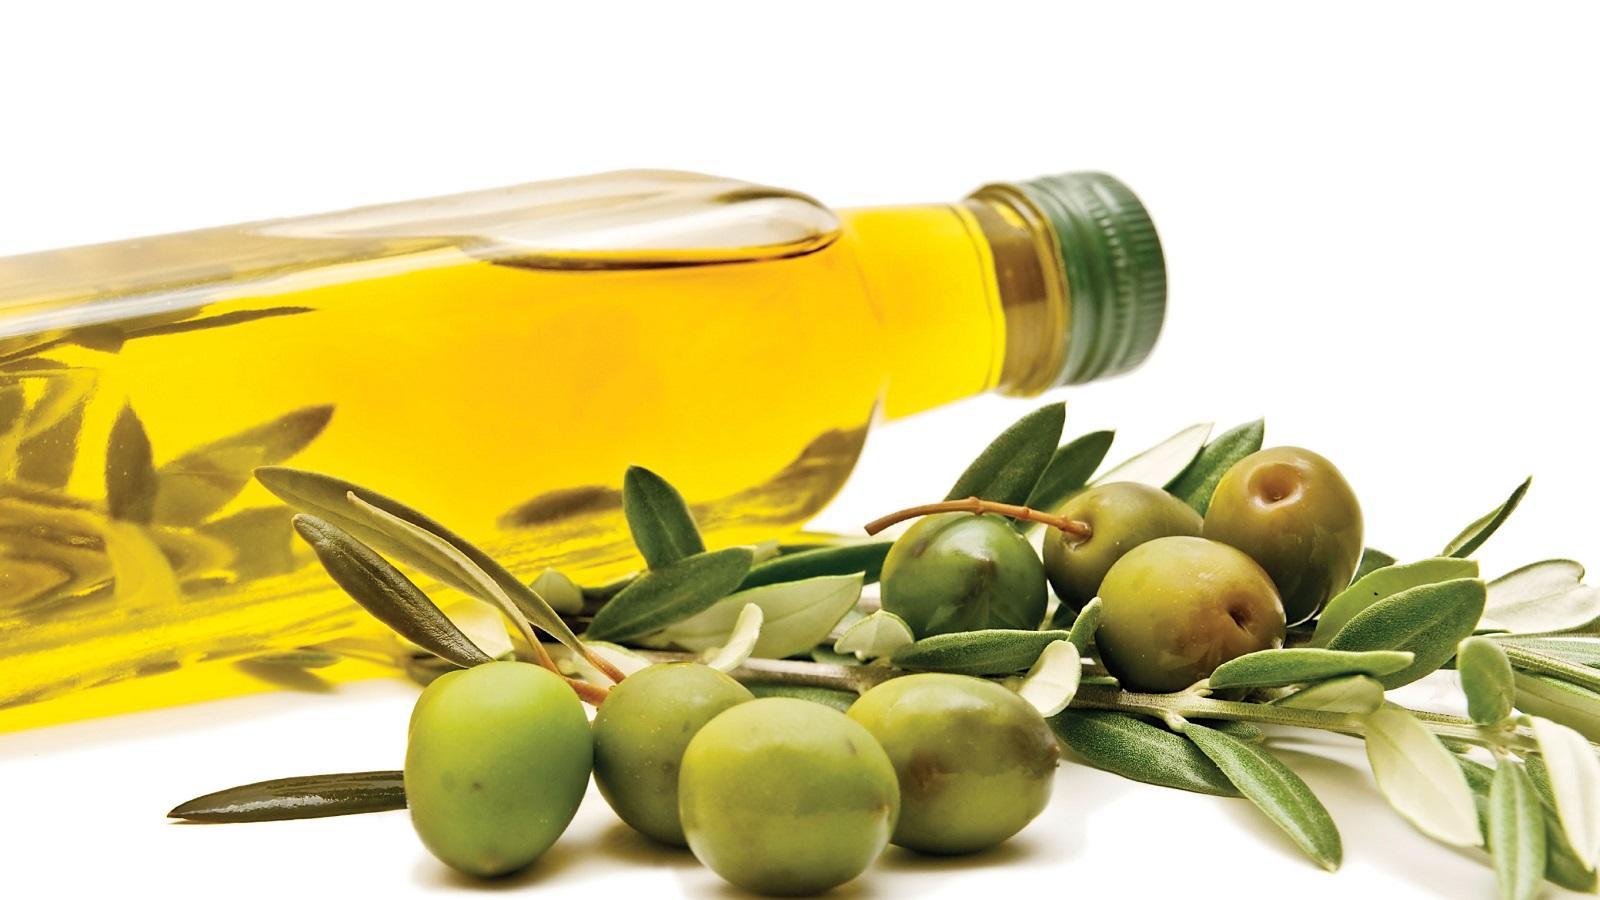 Az olívaolaj szintén remek E-vitamin forrás -  az antioxidáns segít az idegsejtek védelmében. (fitlista.com)